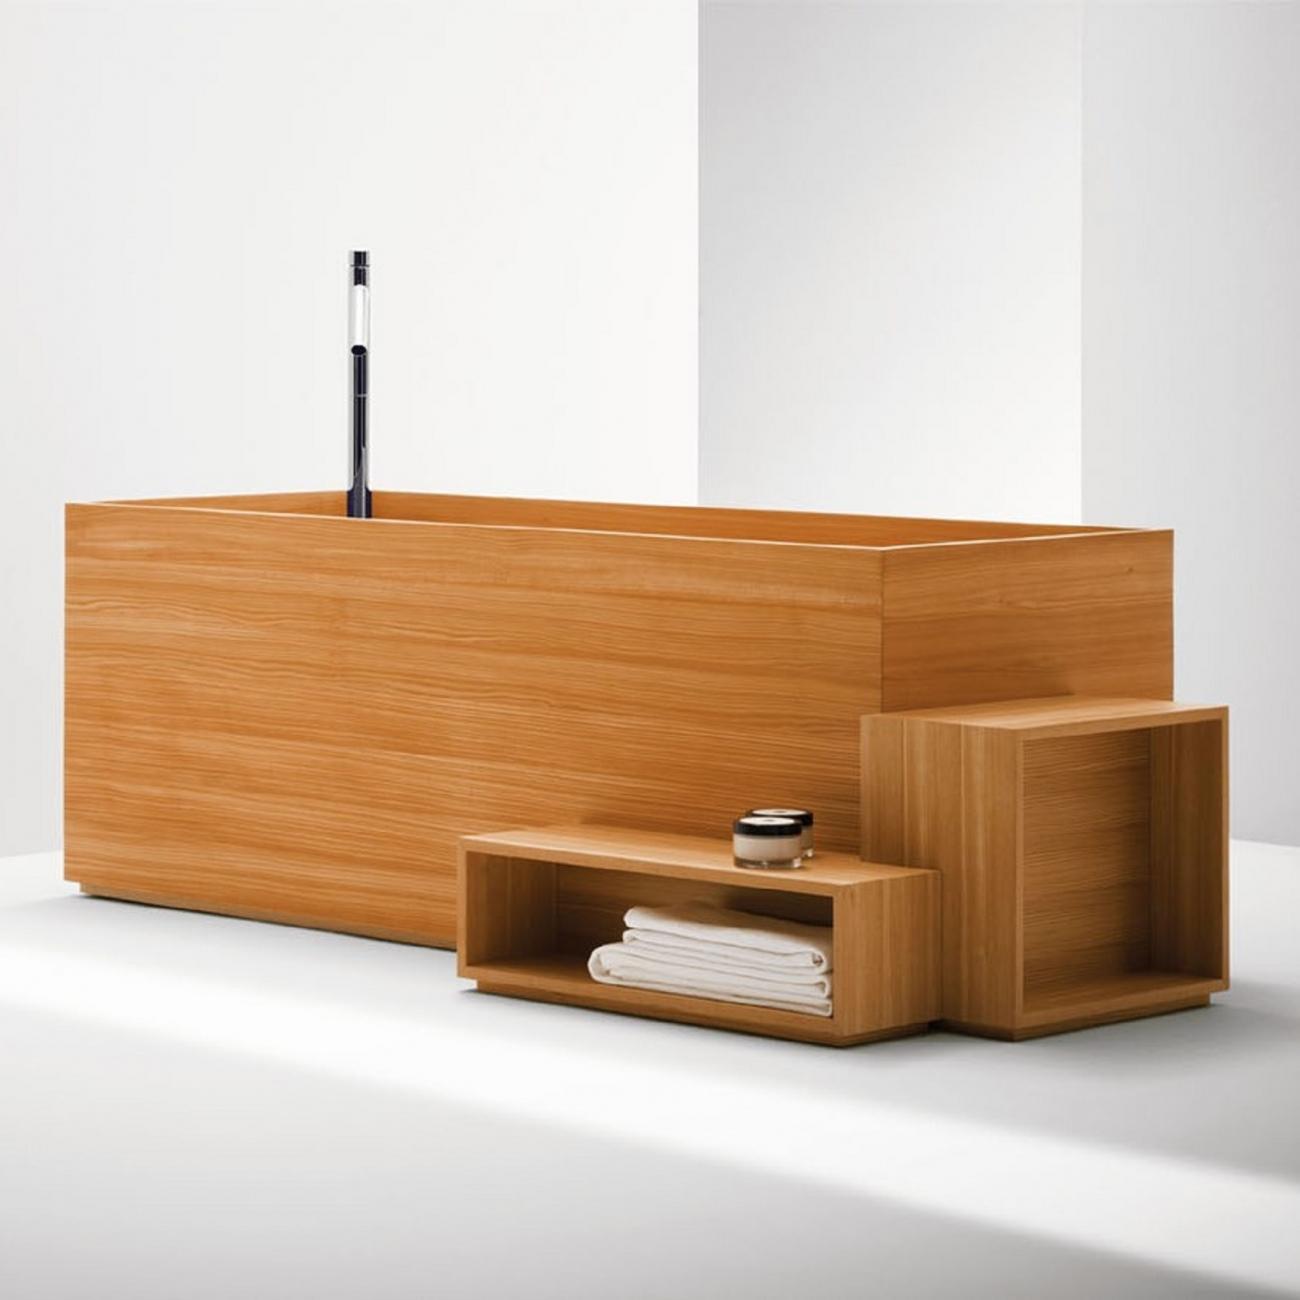 BISAZZA OFURO BATHTUB